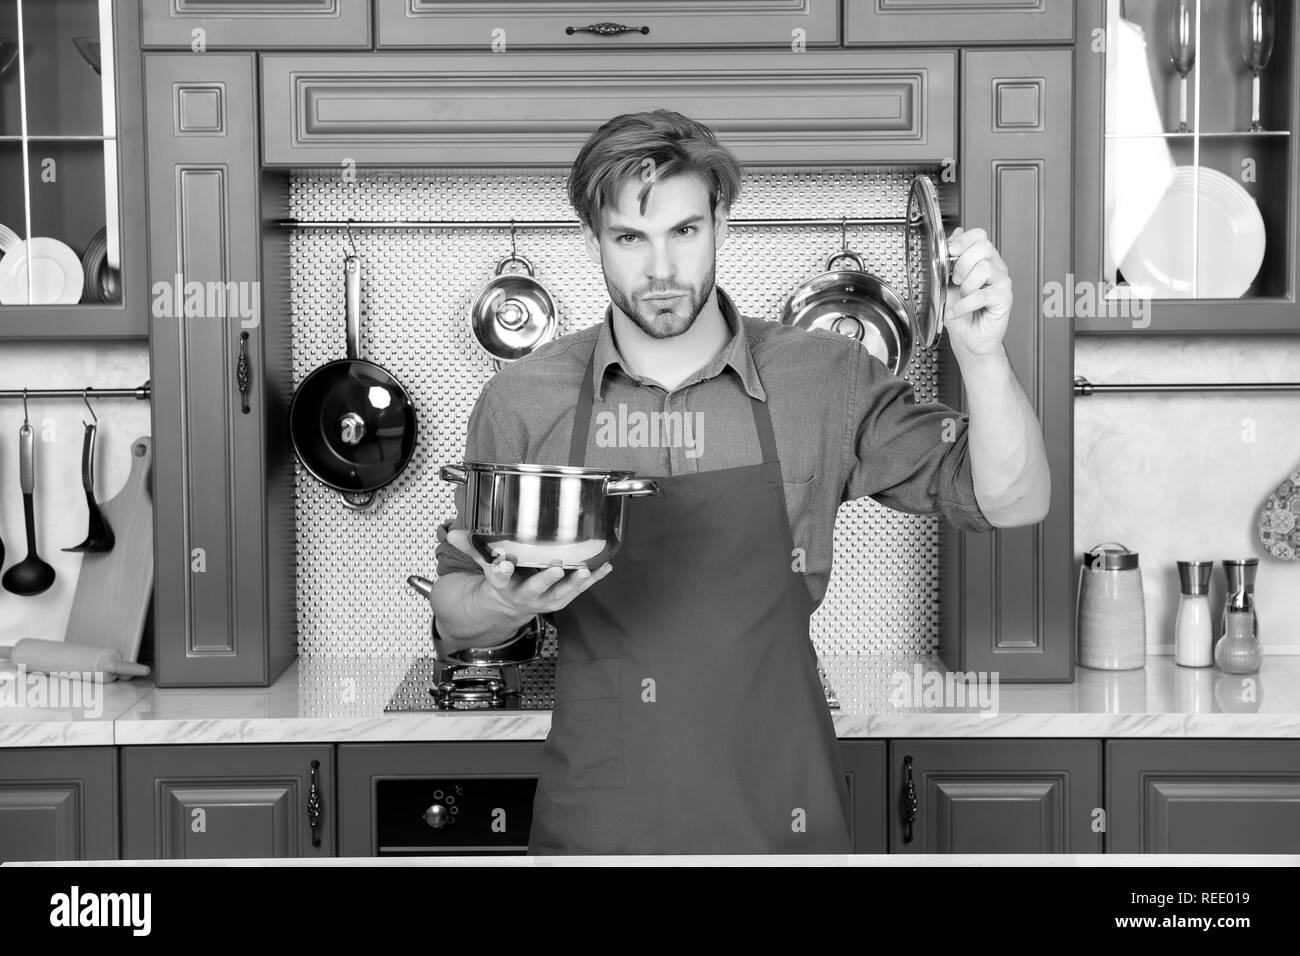 Maintenez l'homme Cook casserole et couvercle en cuisine. Batterie de cuisine, ustensiles de cuisine, de l'outil. Avec marmite macho pour ragoût, soupe plats. Cuisine traditionnelle, la cuisine, la préparation des aliments. Plats, menu recettes Photo Stock